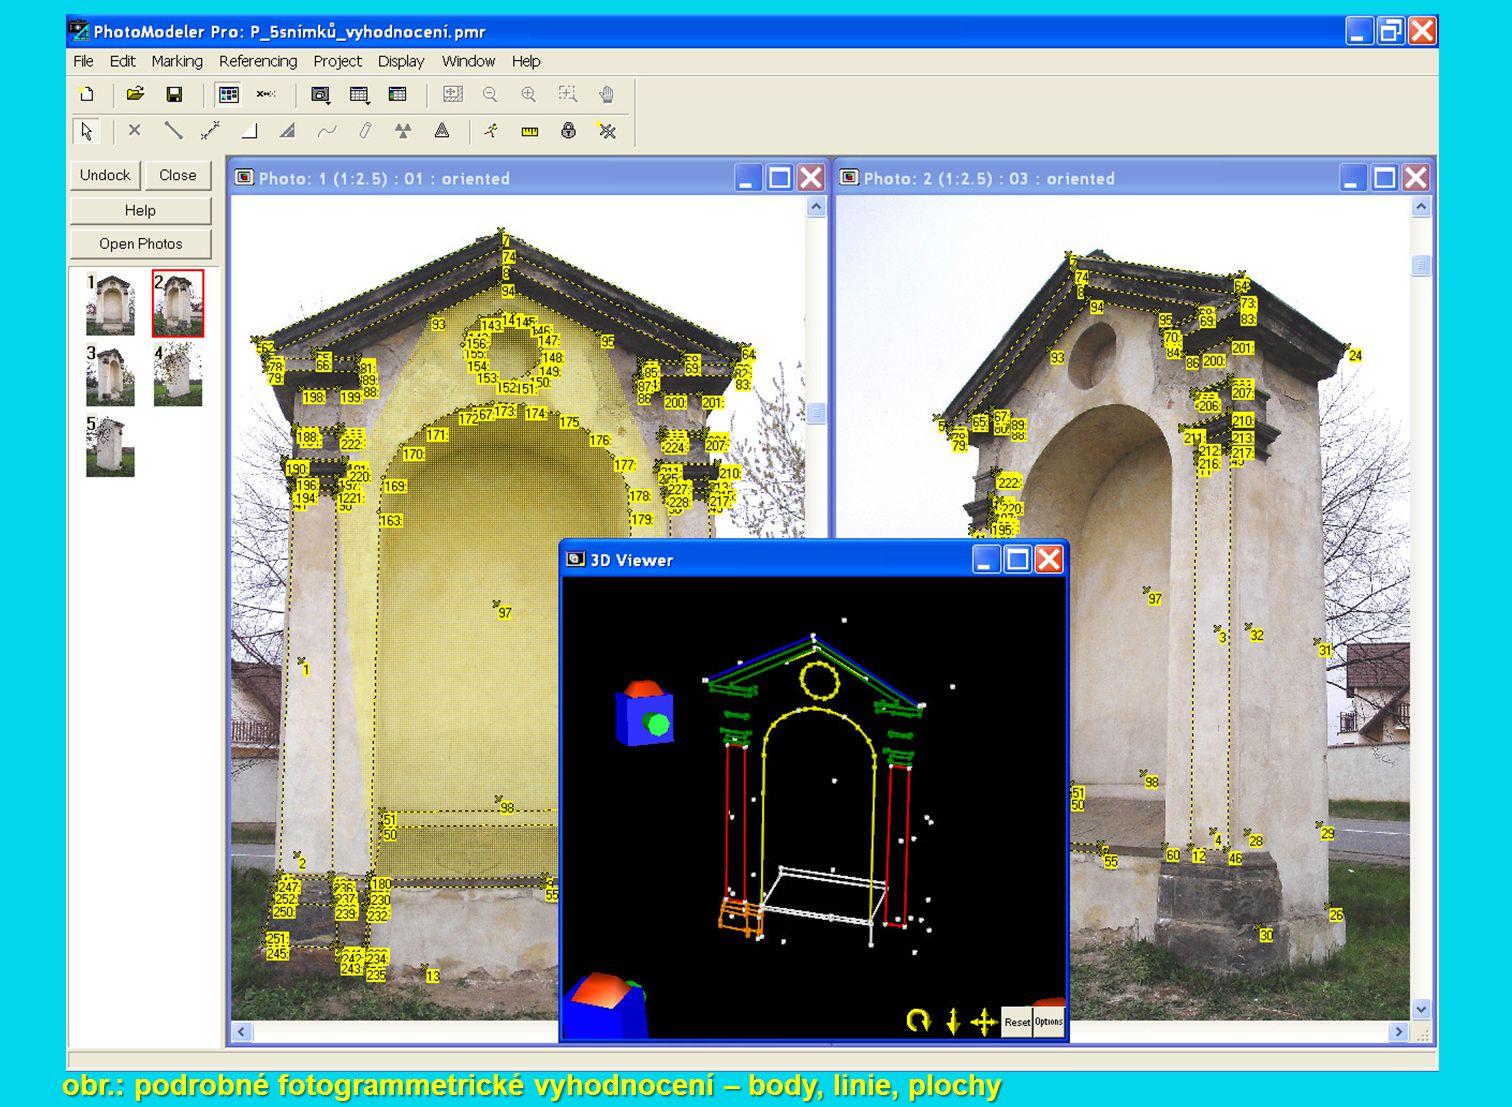 obr.: podrobné fotogrammetrické vyhodnocení – body, linie, plochy